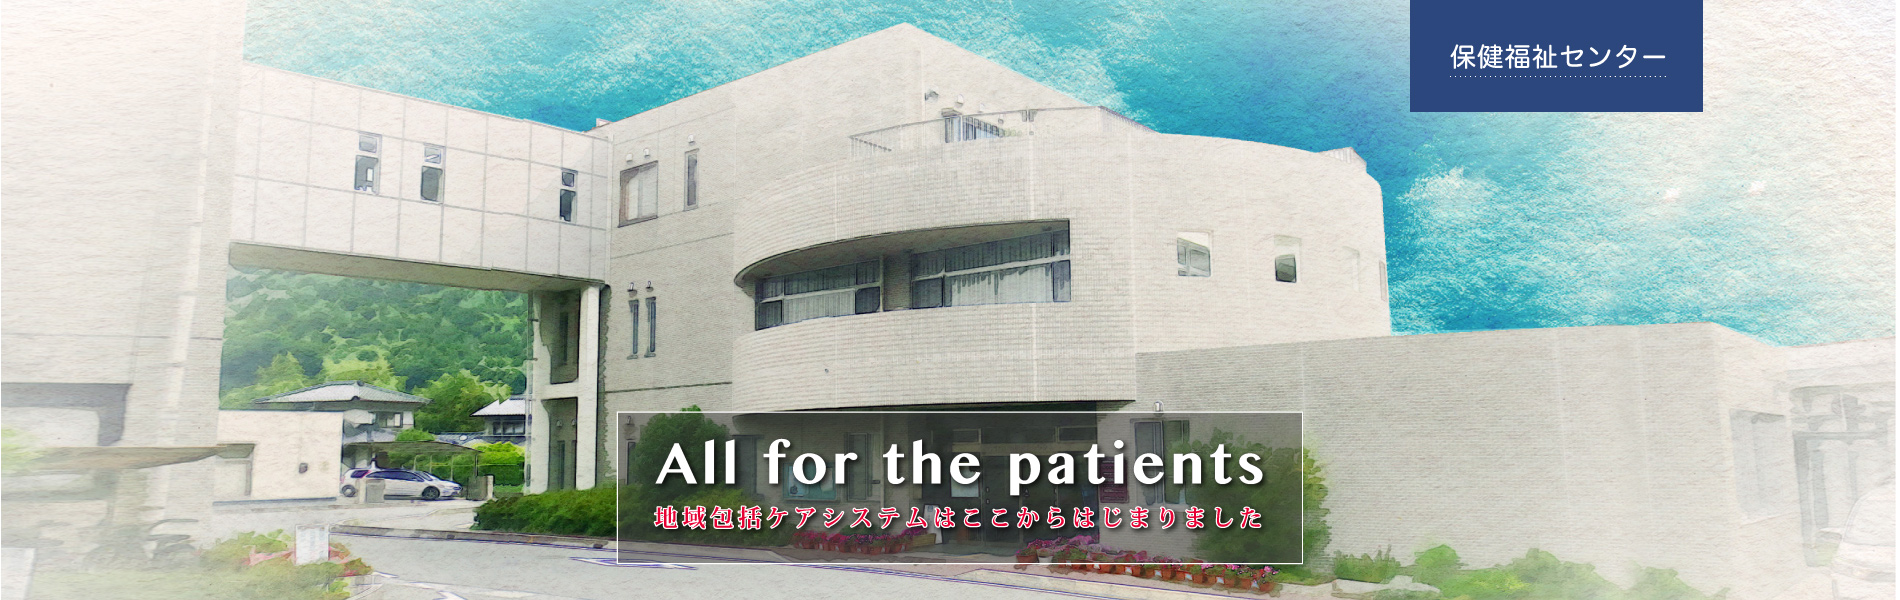 健康福祉センター